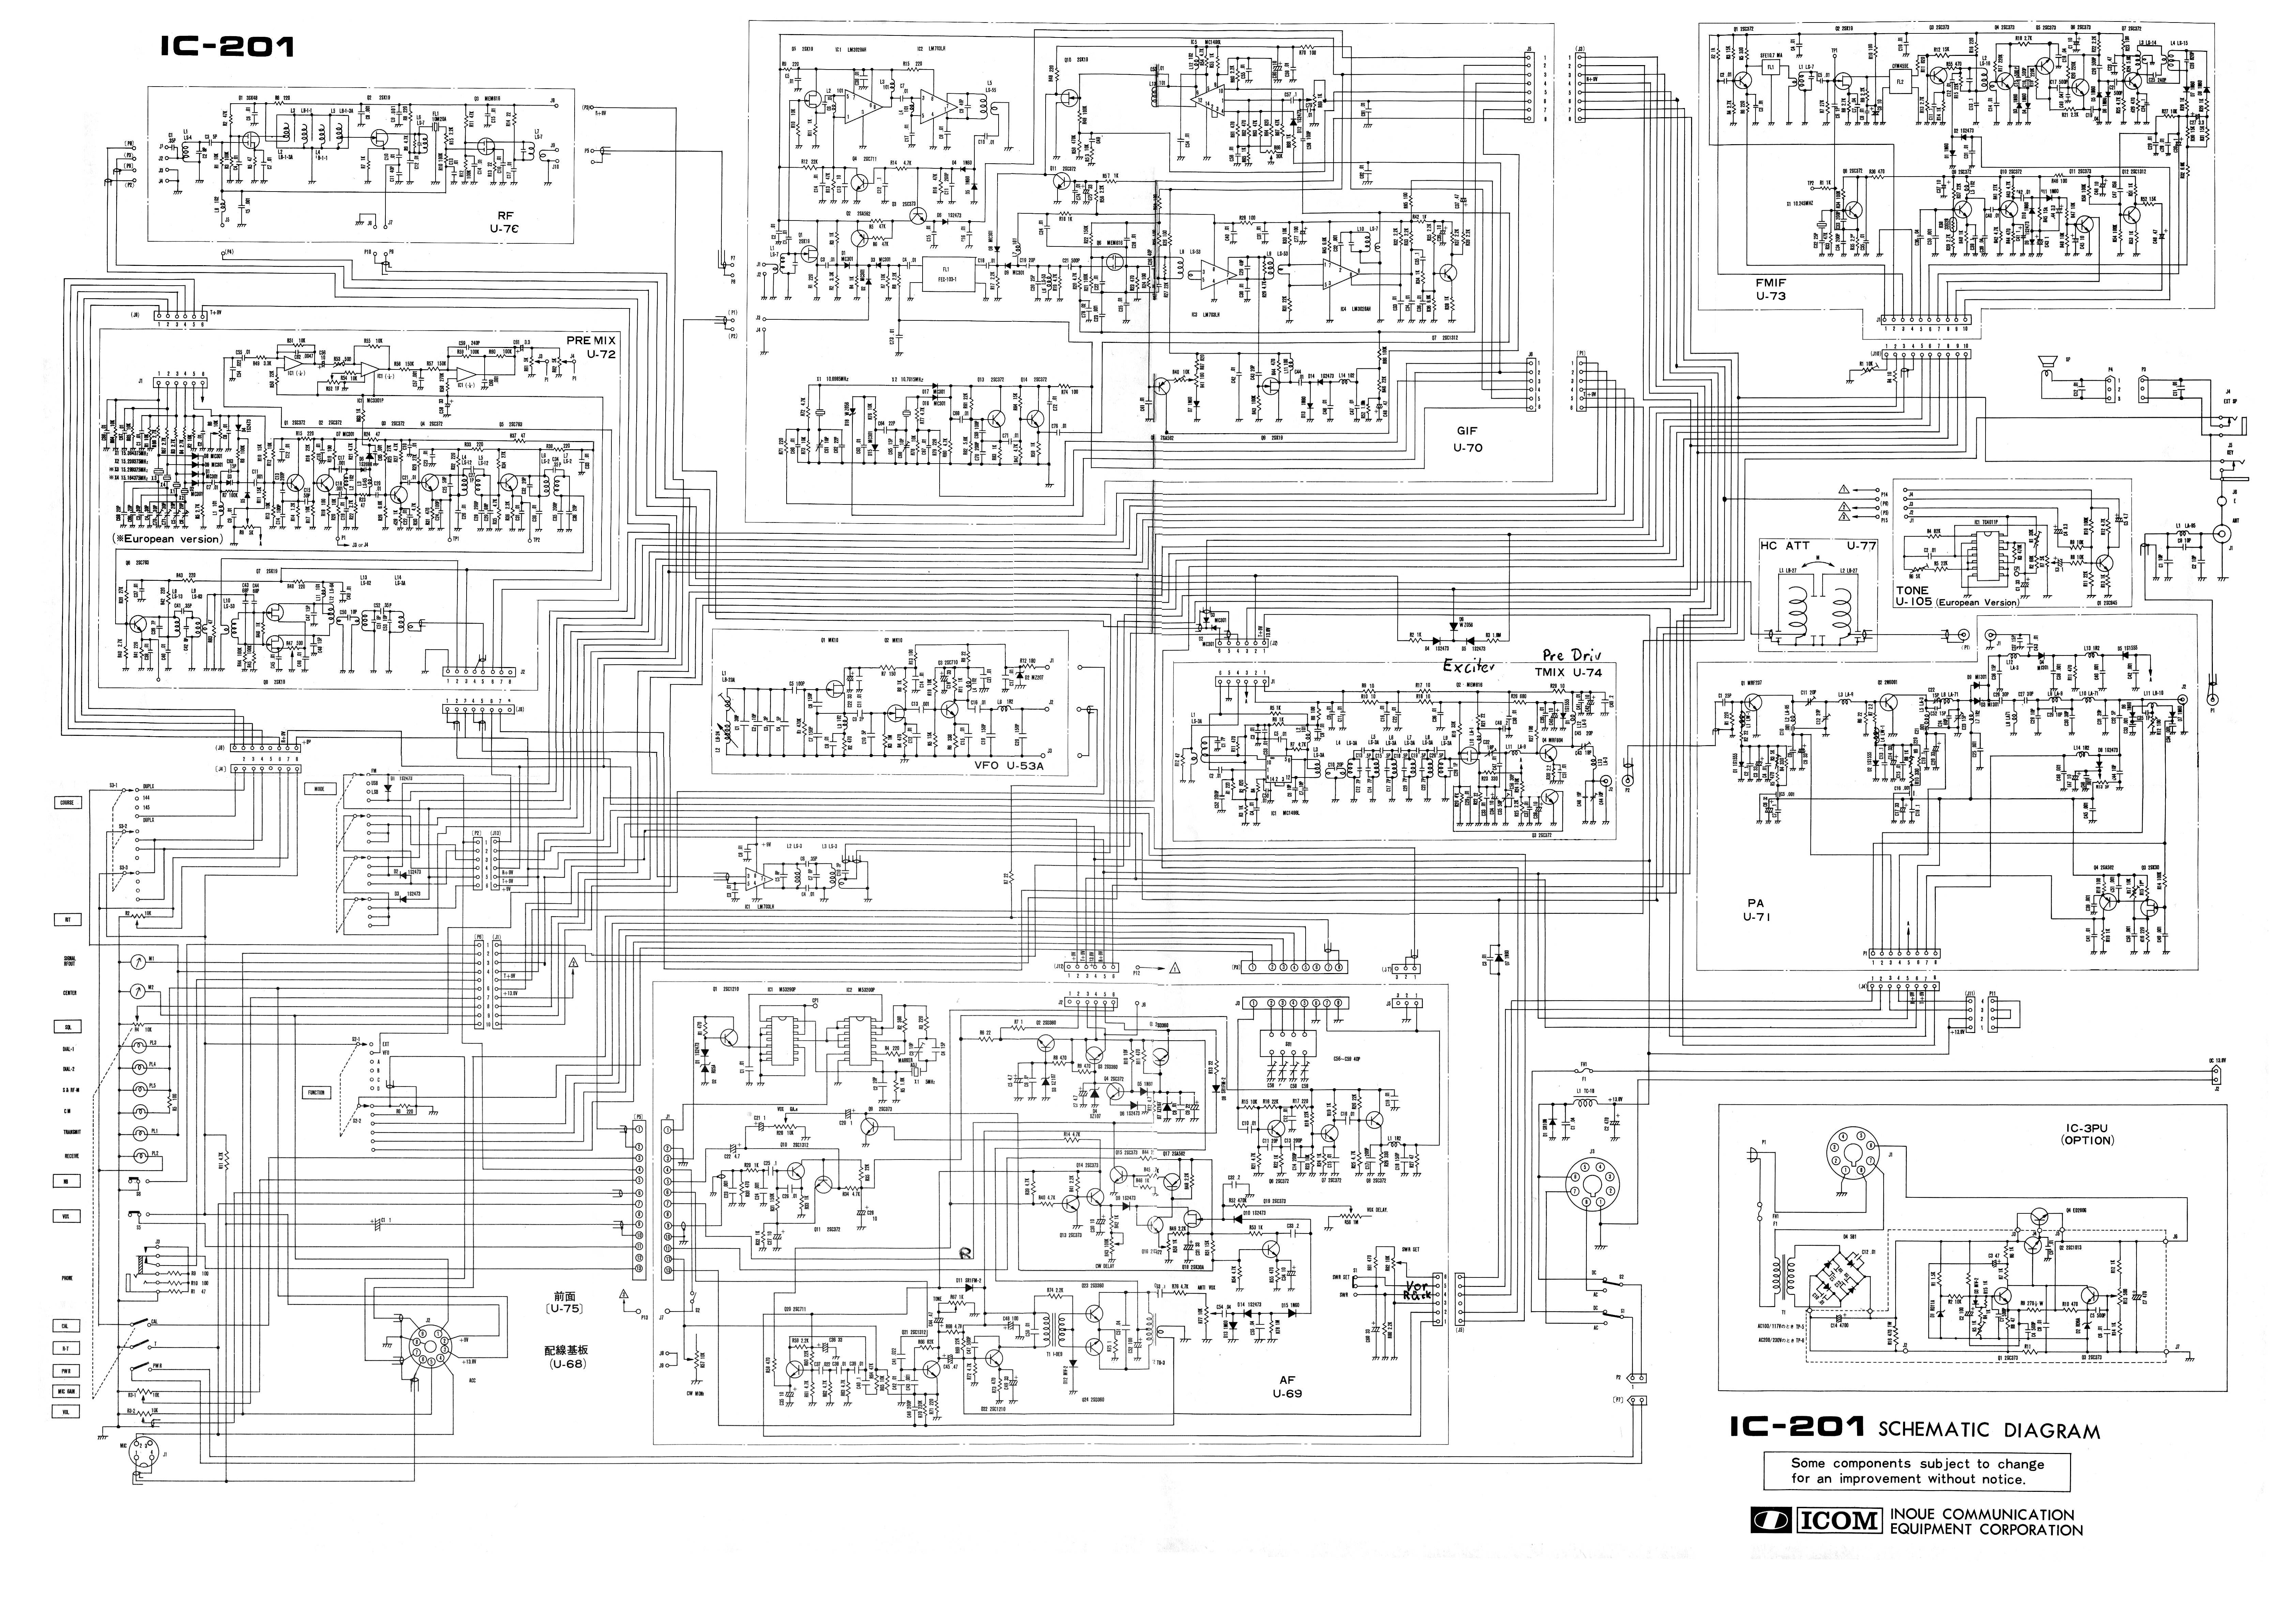 fantastisch elektroschaltplan pdf zeitgen ssisch die besten elektrischen schaltplan ideen. Black Bedroom Furniture Sets. Home Design Ideas